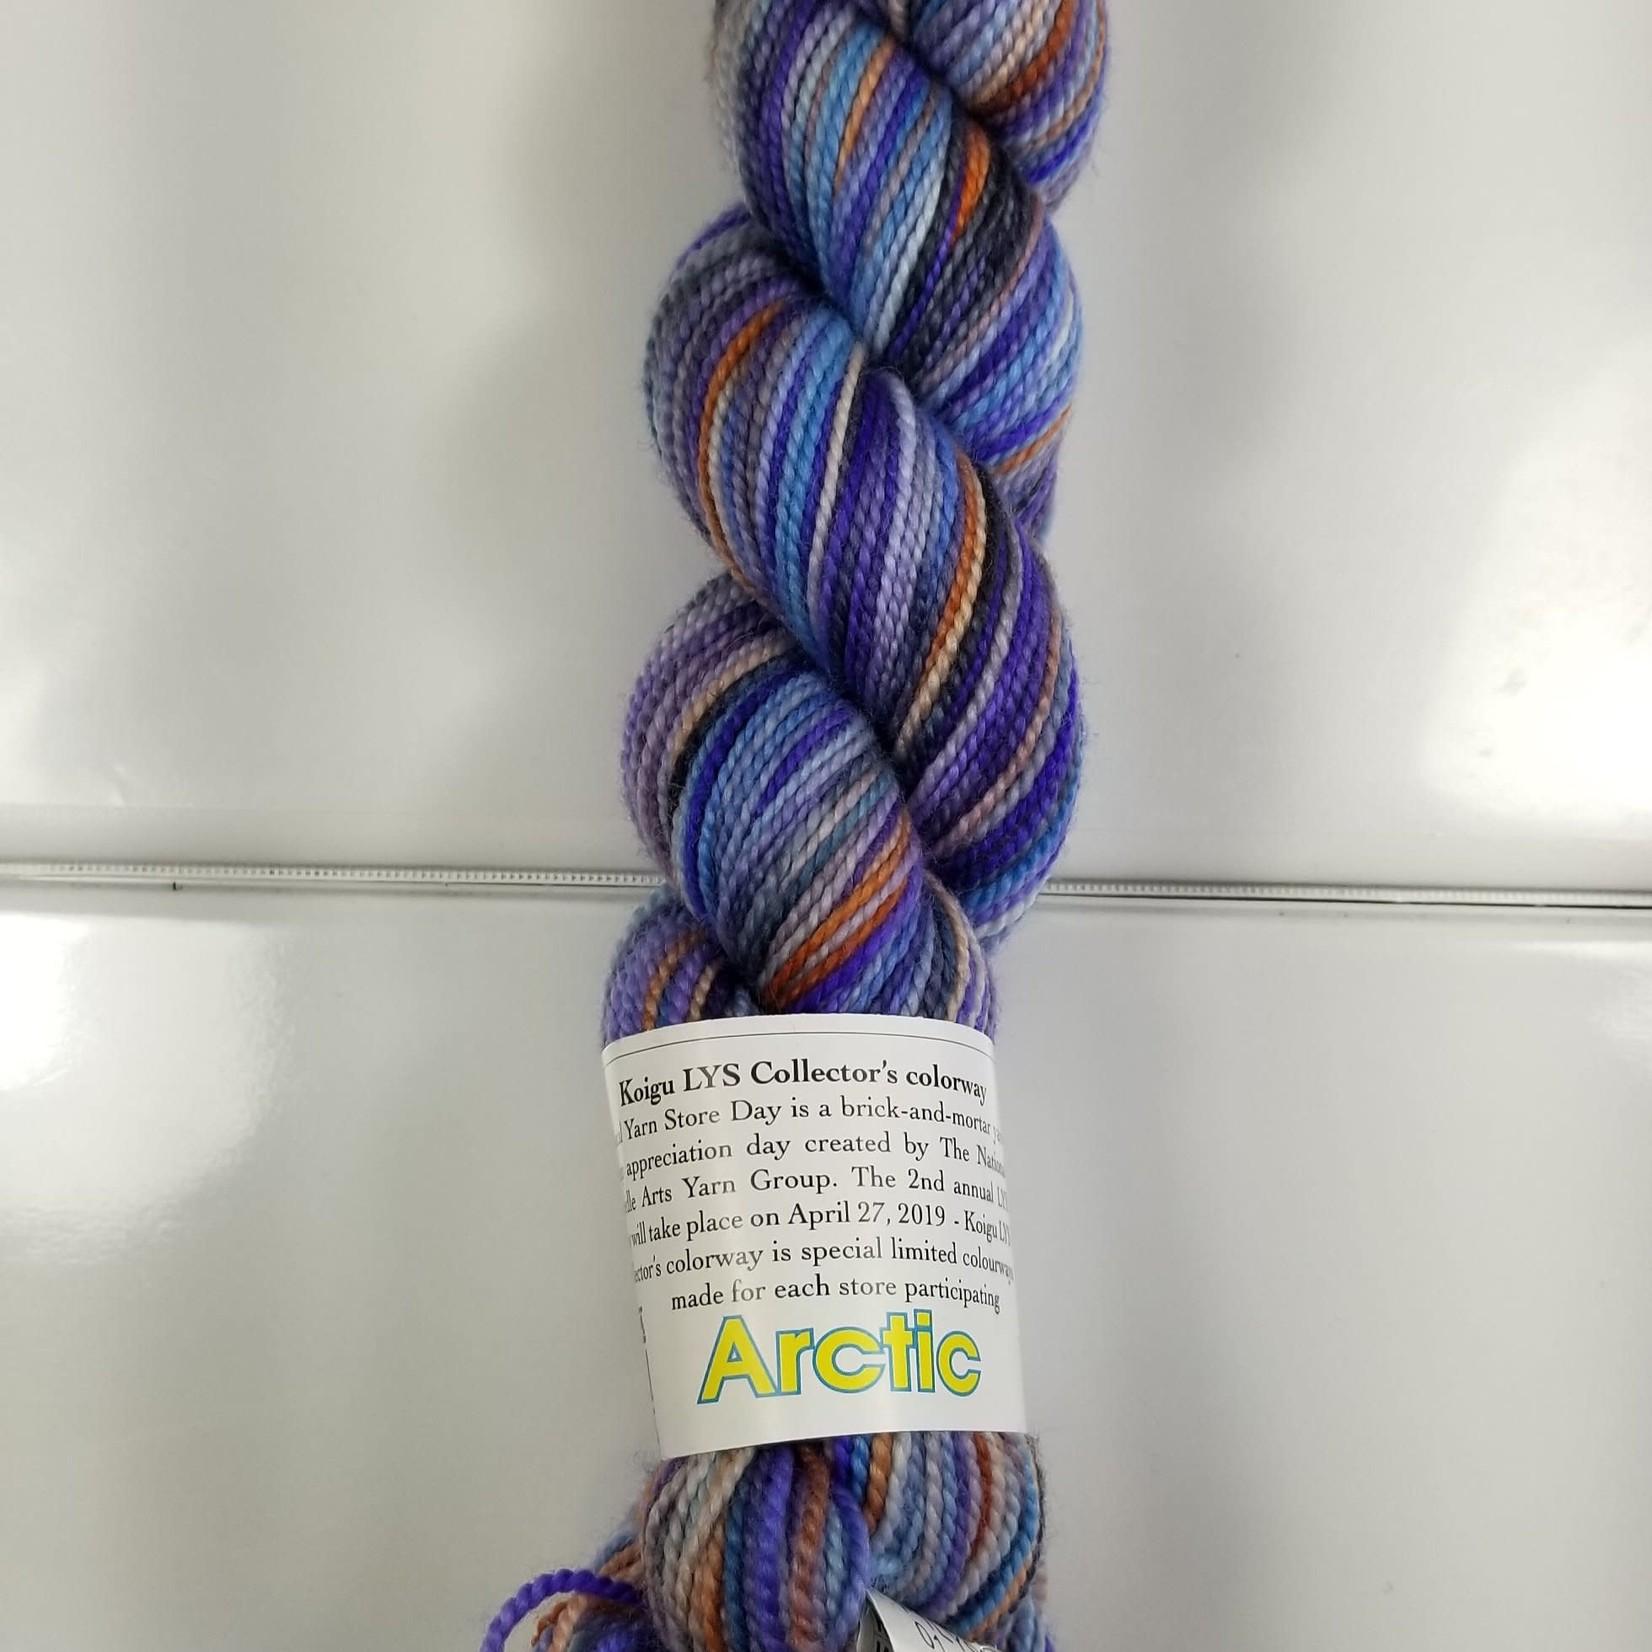 Koigu Koigu LYS Collector's Colorway